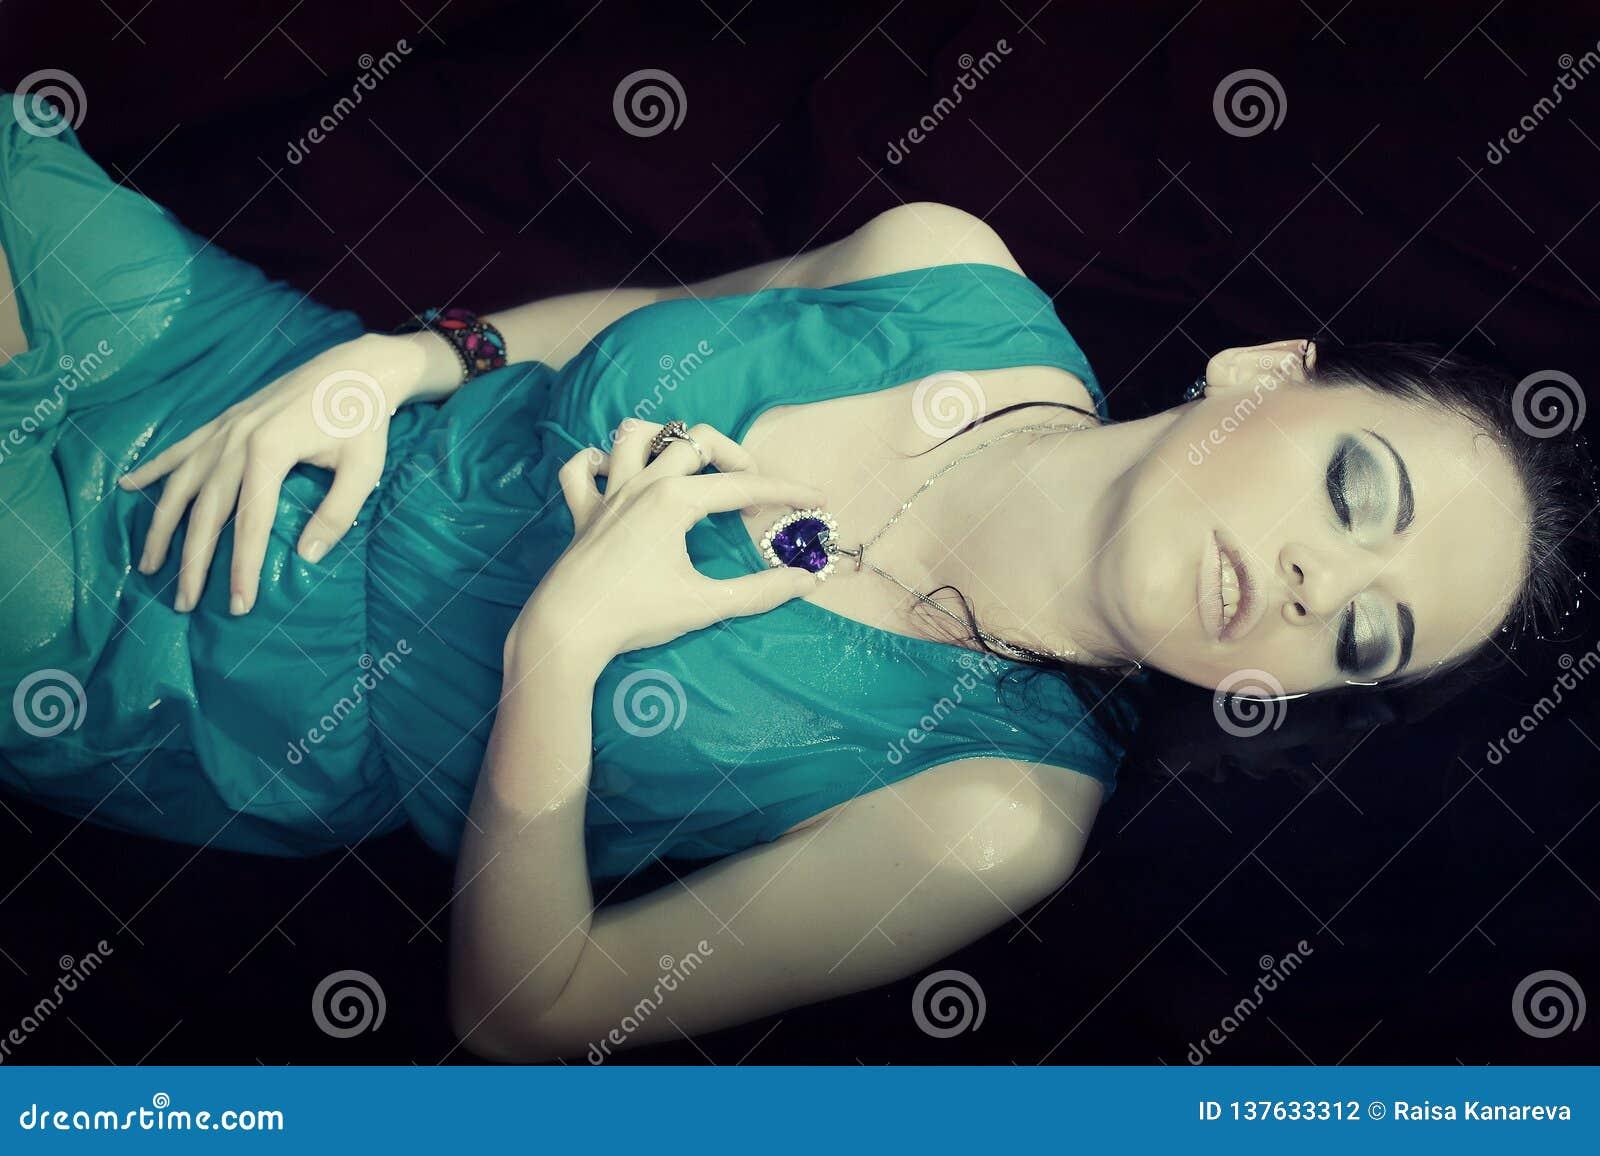 Woman in blue dress lying in water